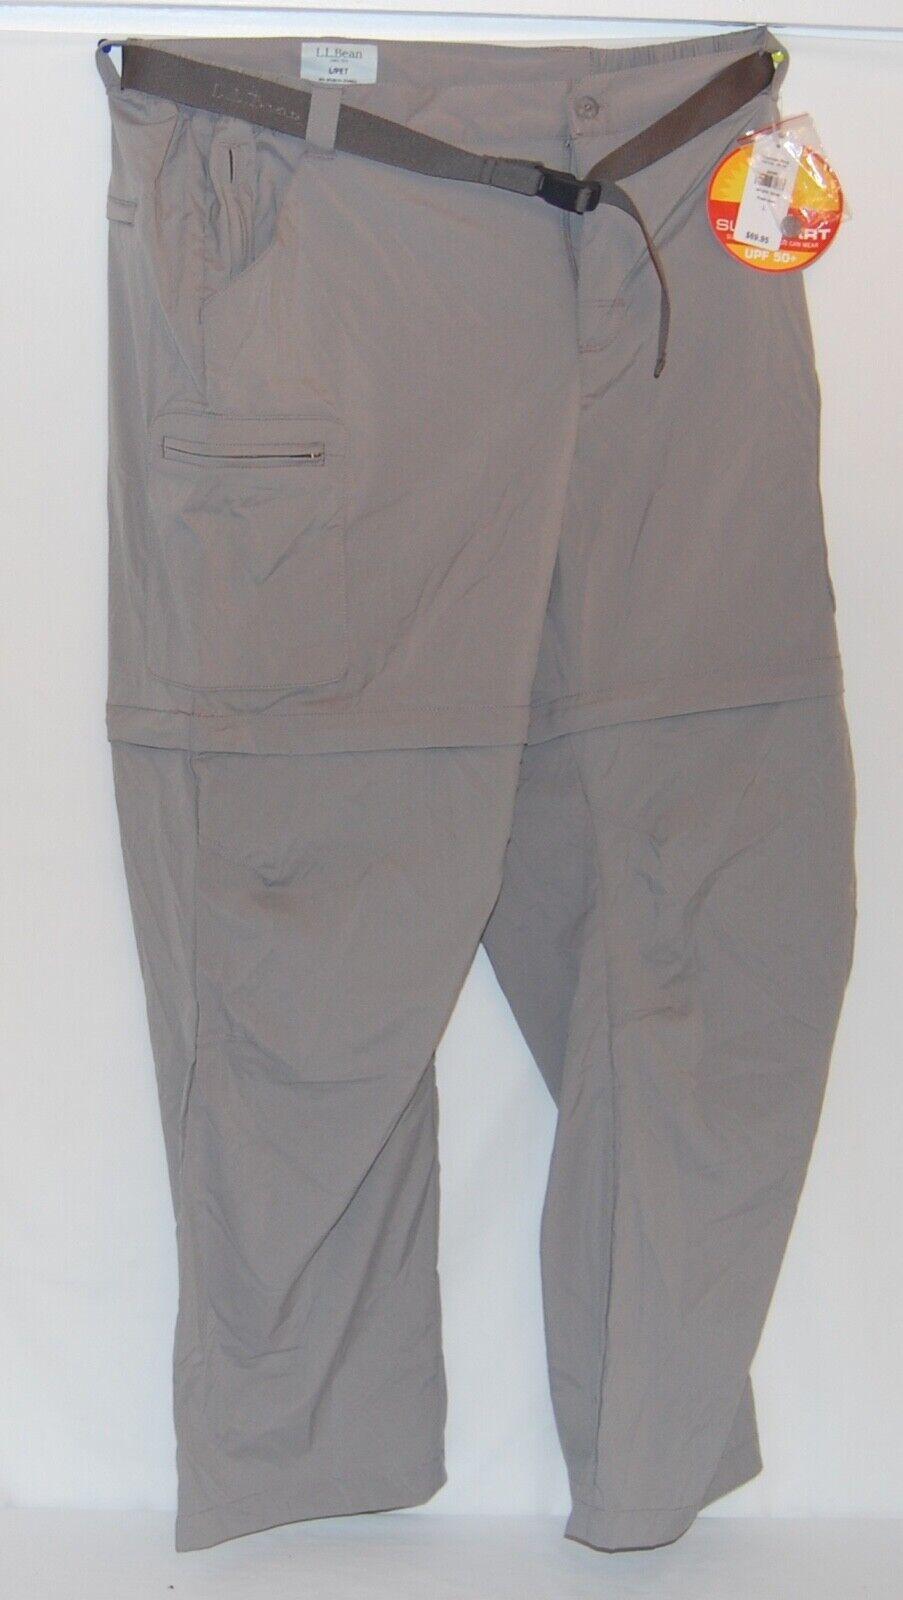 LL Bean Mens Tropicwear Zip-Leg Pants Hiking Camping Large PET UPF 50+ UV Shorts